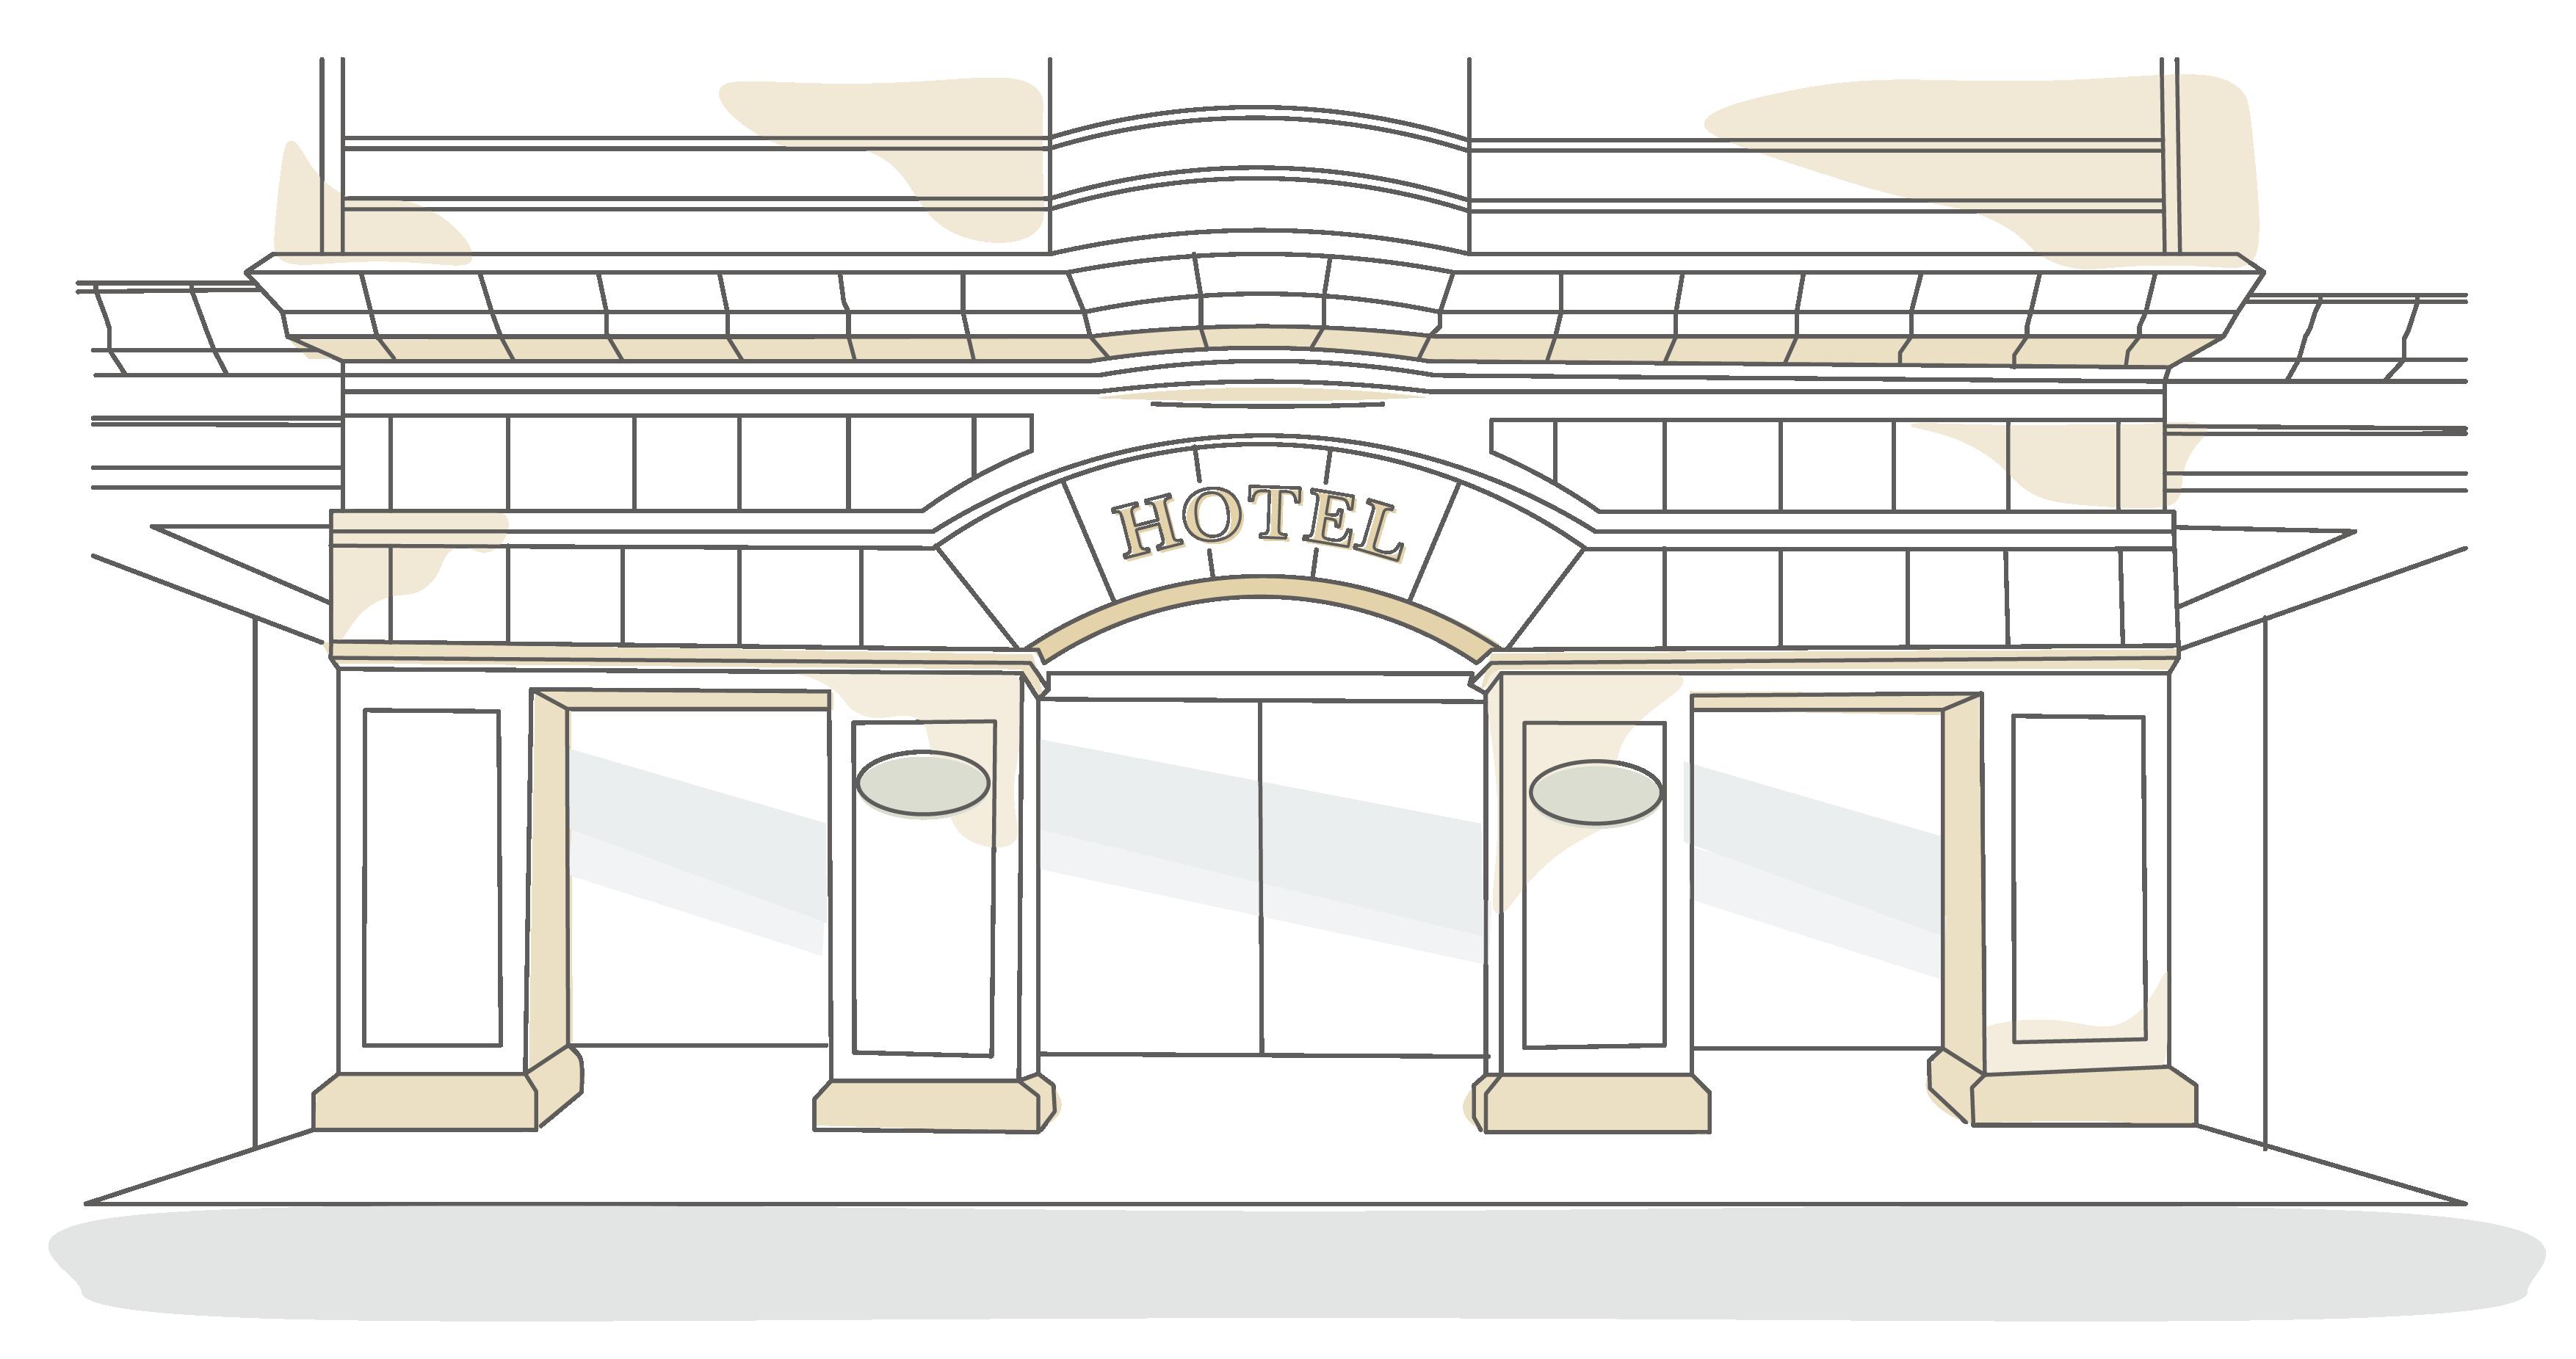 EC_Hotel-01.png